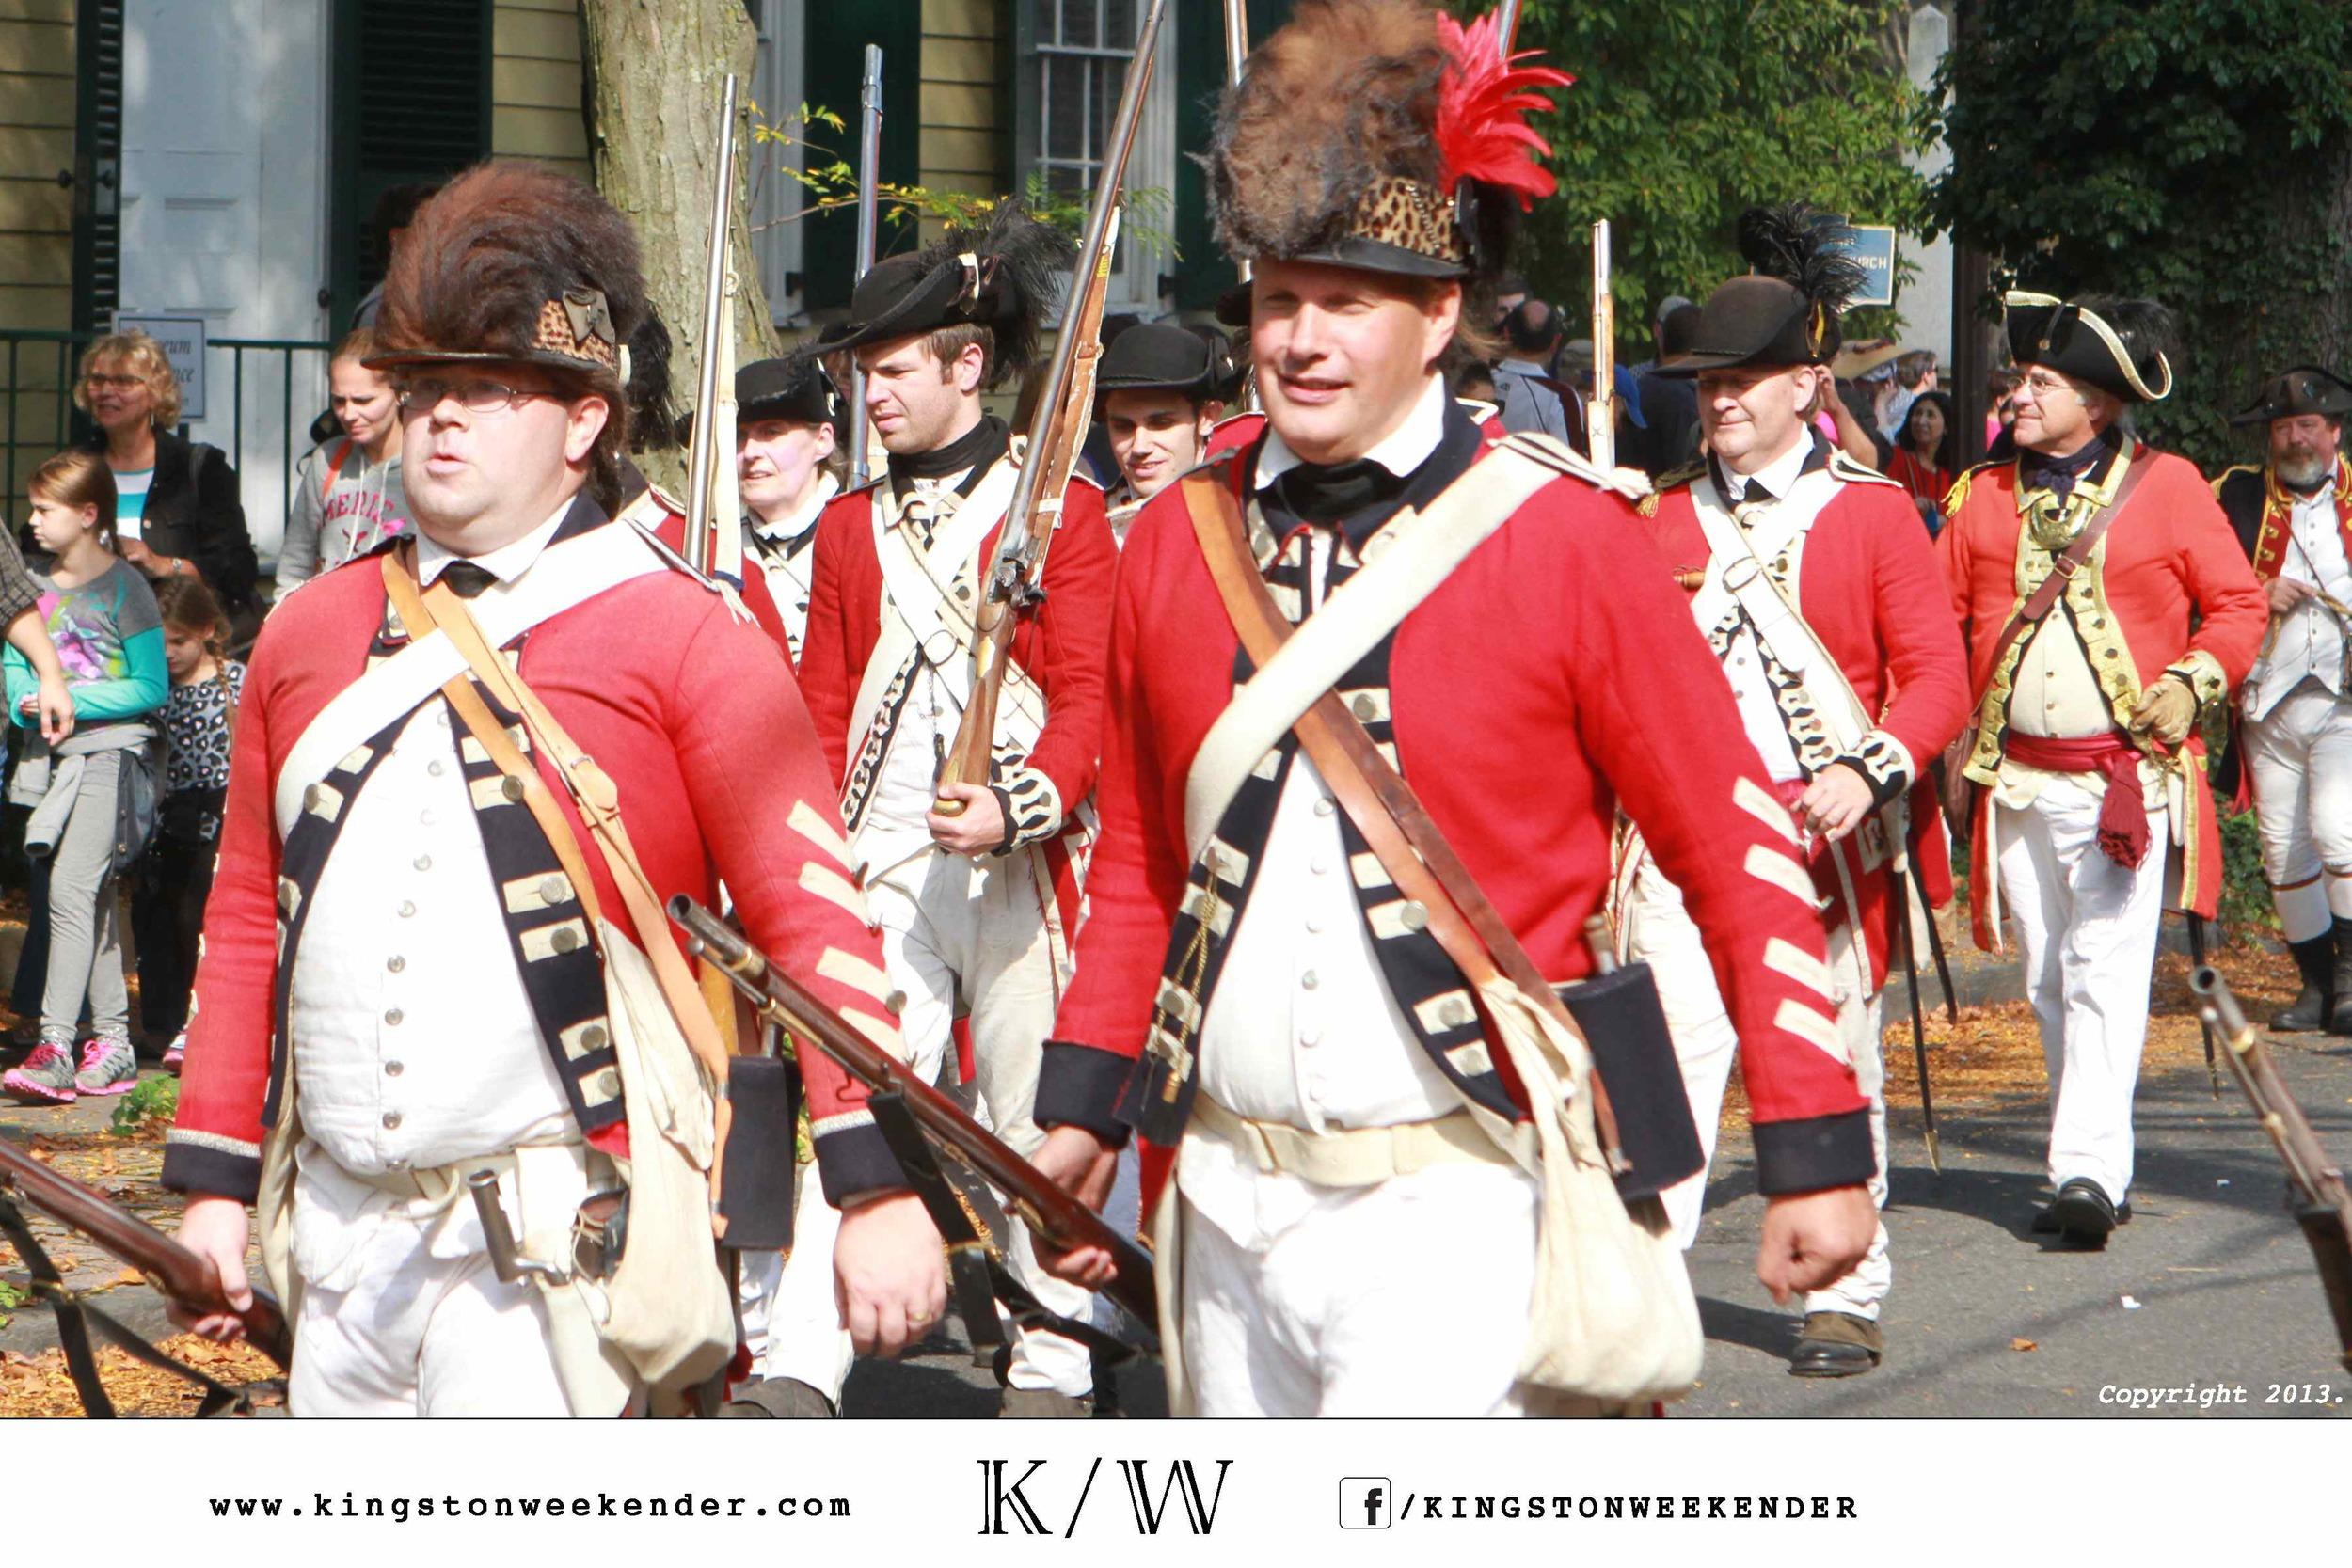 kingston-weekender-photo-credits39.jpg